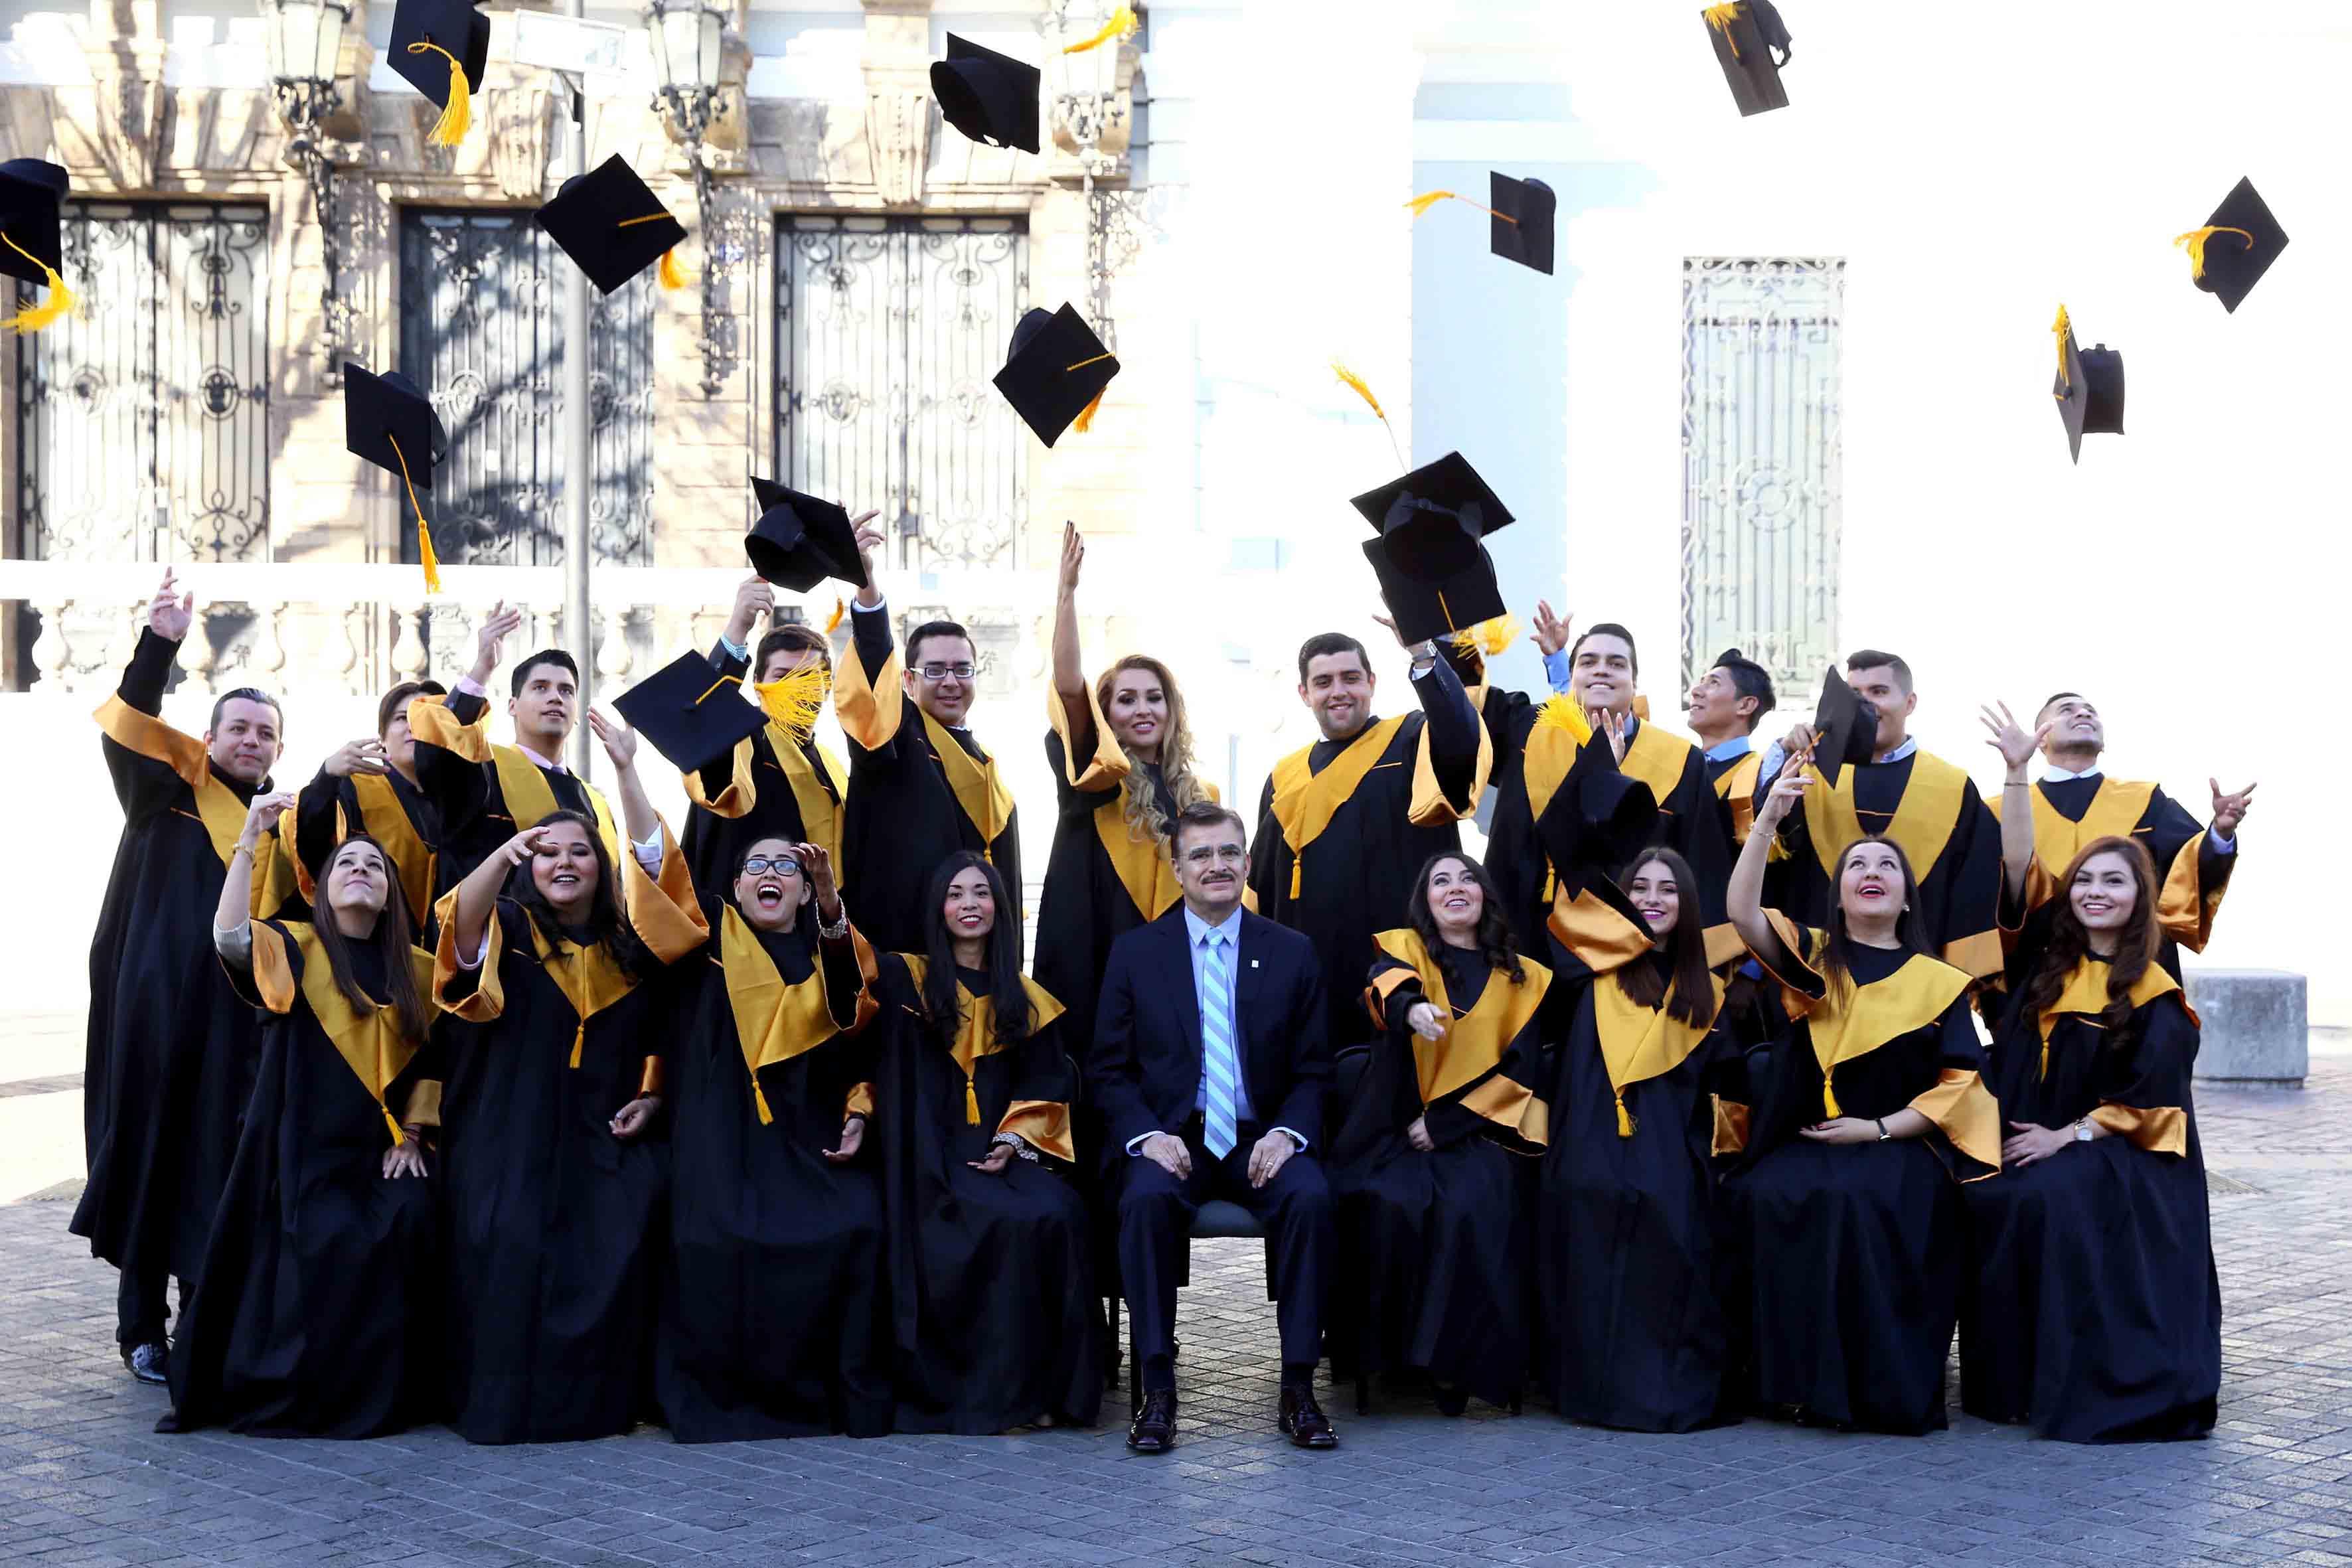 Estudiantes egresados de la carrera de Estudios Políticos y Gobierno; tirando el birrrete al aire en símbolo de término ante el padrino de su generación, maestro Itzcóatl Tonatiuh Bravo Padilla, Rector General de la Universidad de Guadalajara.